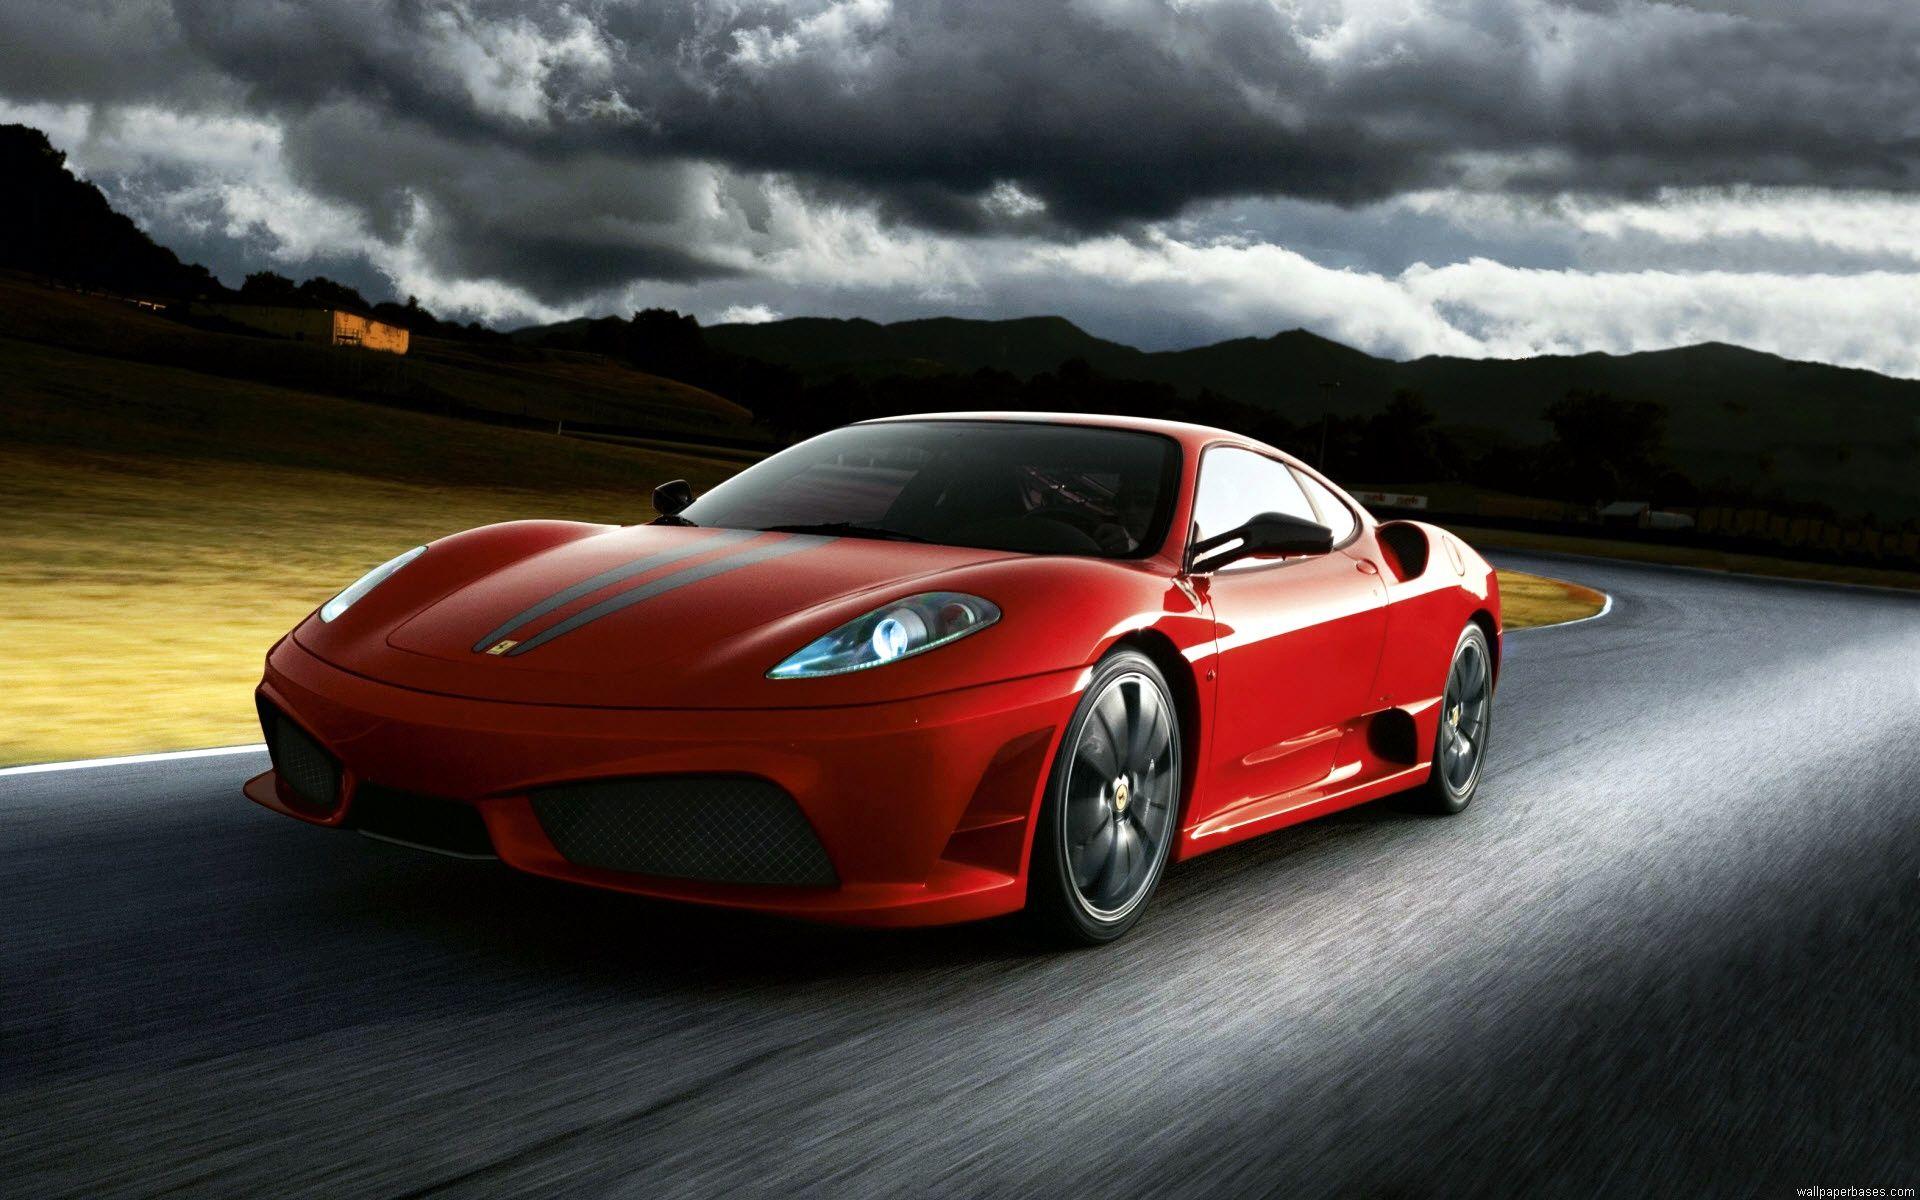 Ferrari F430 Scuderia Red Car Roadster.jpg